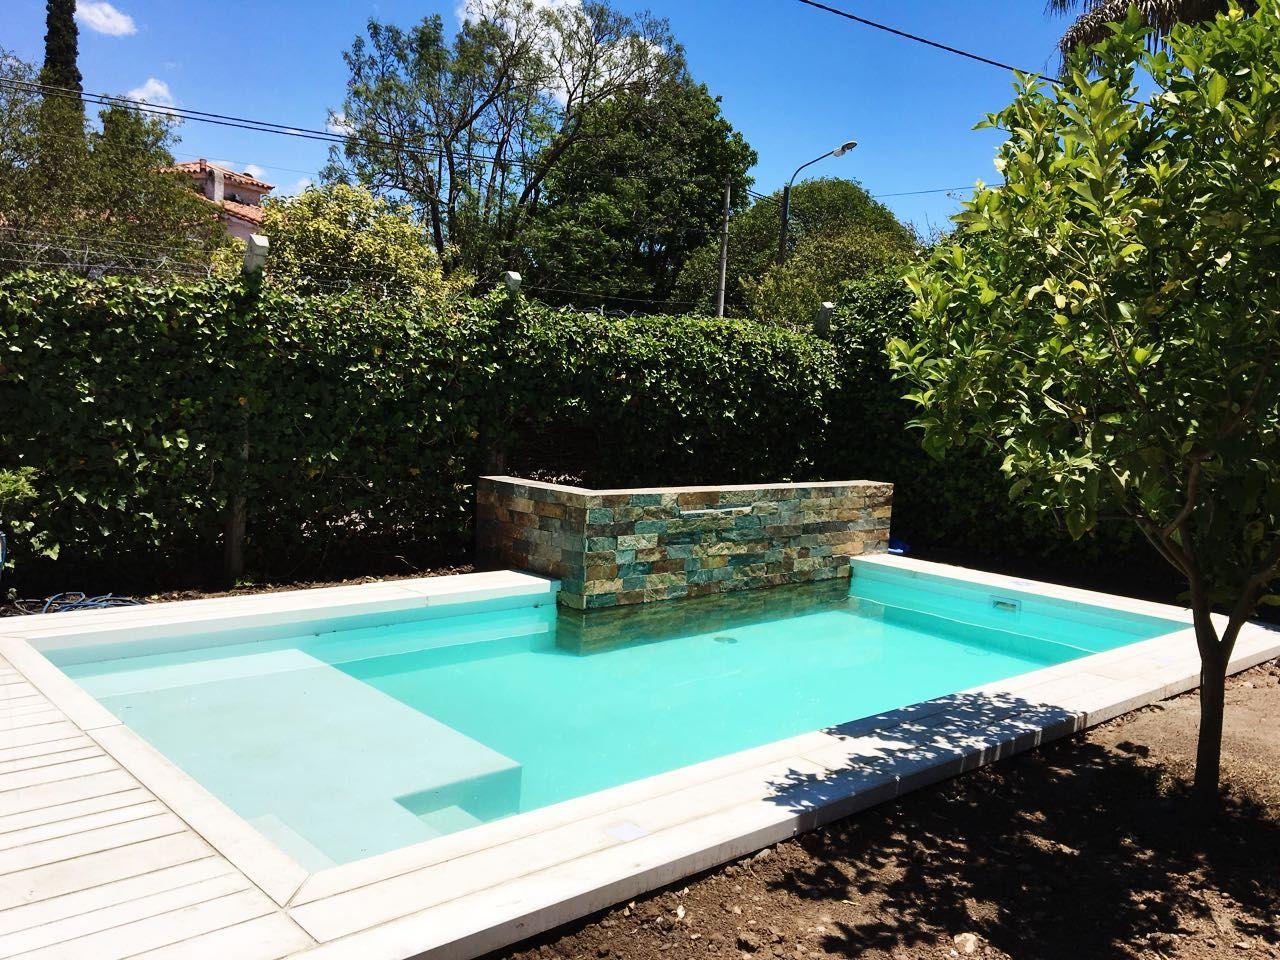 Piscina scualo piscina familiar tendencia wellness for Piscinas jardin cordoba